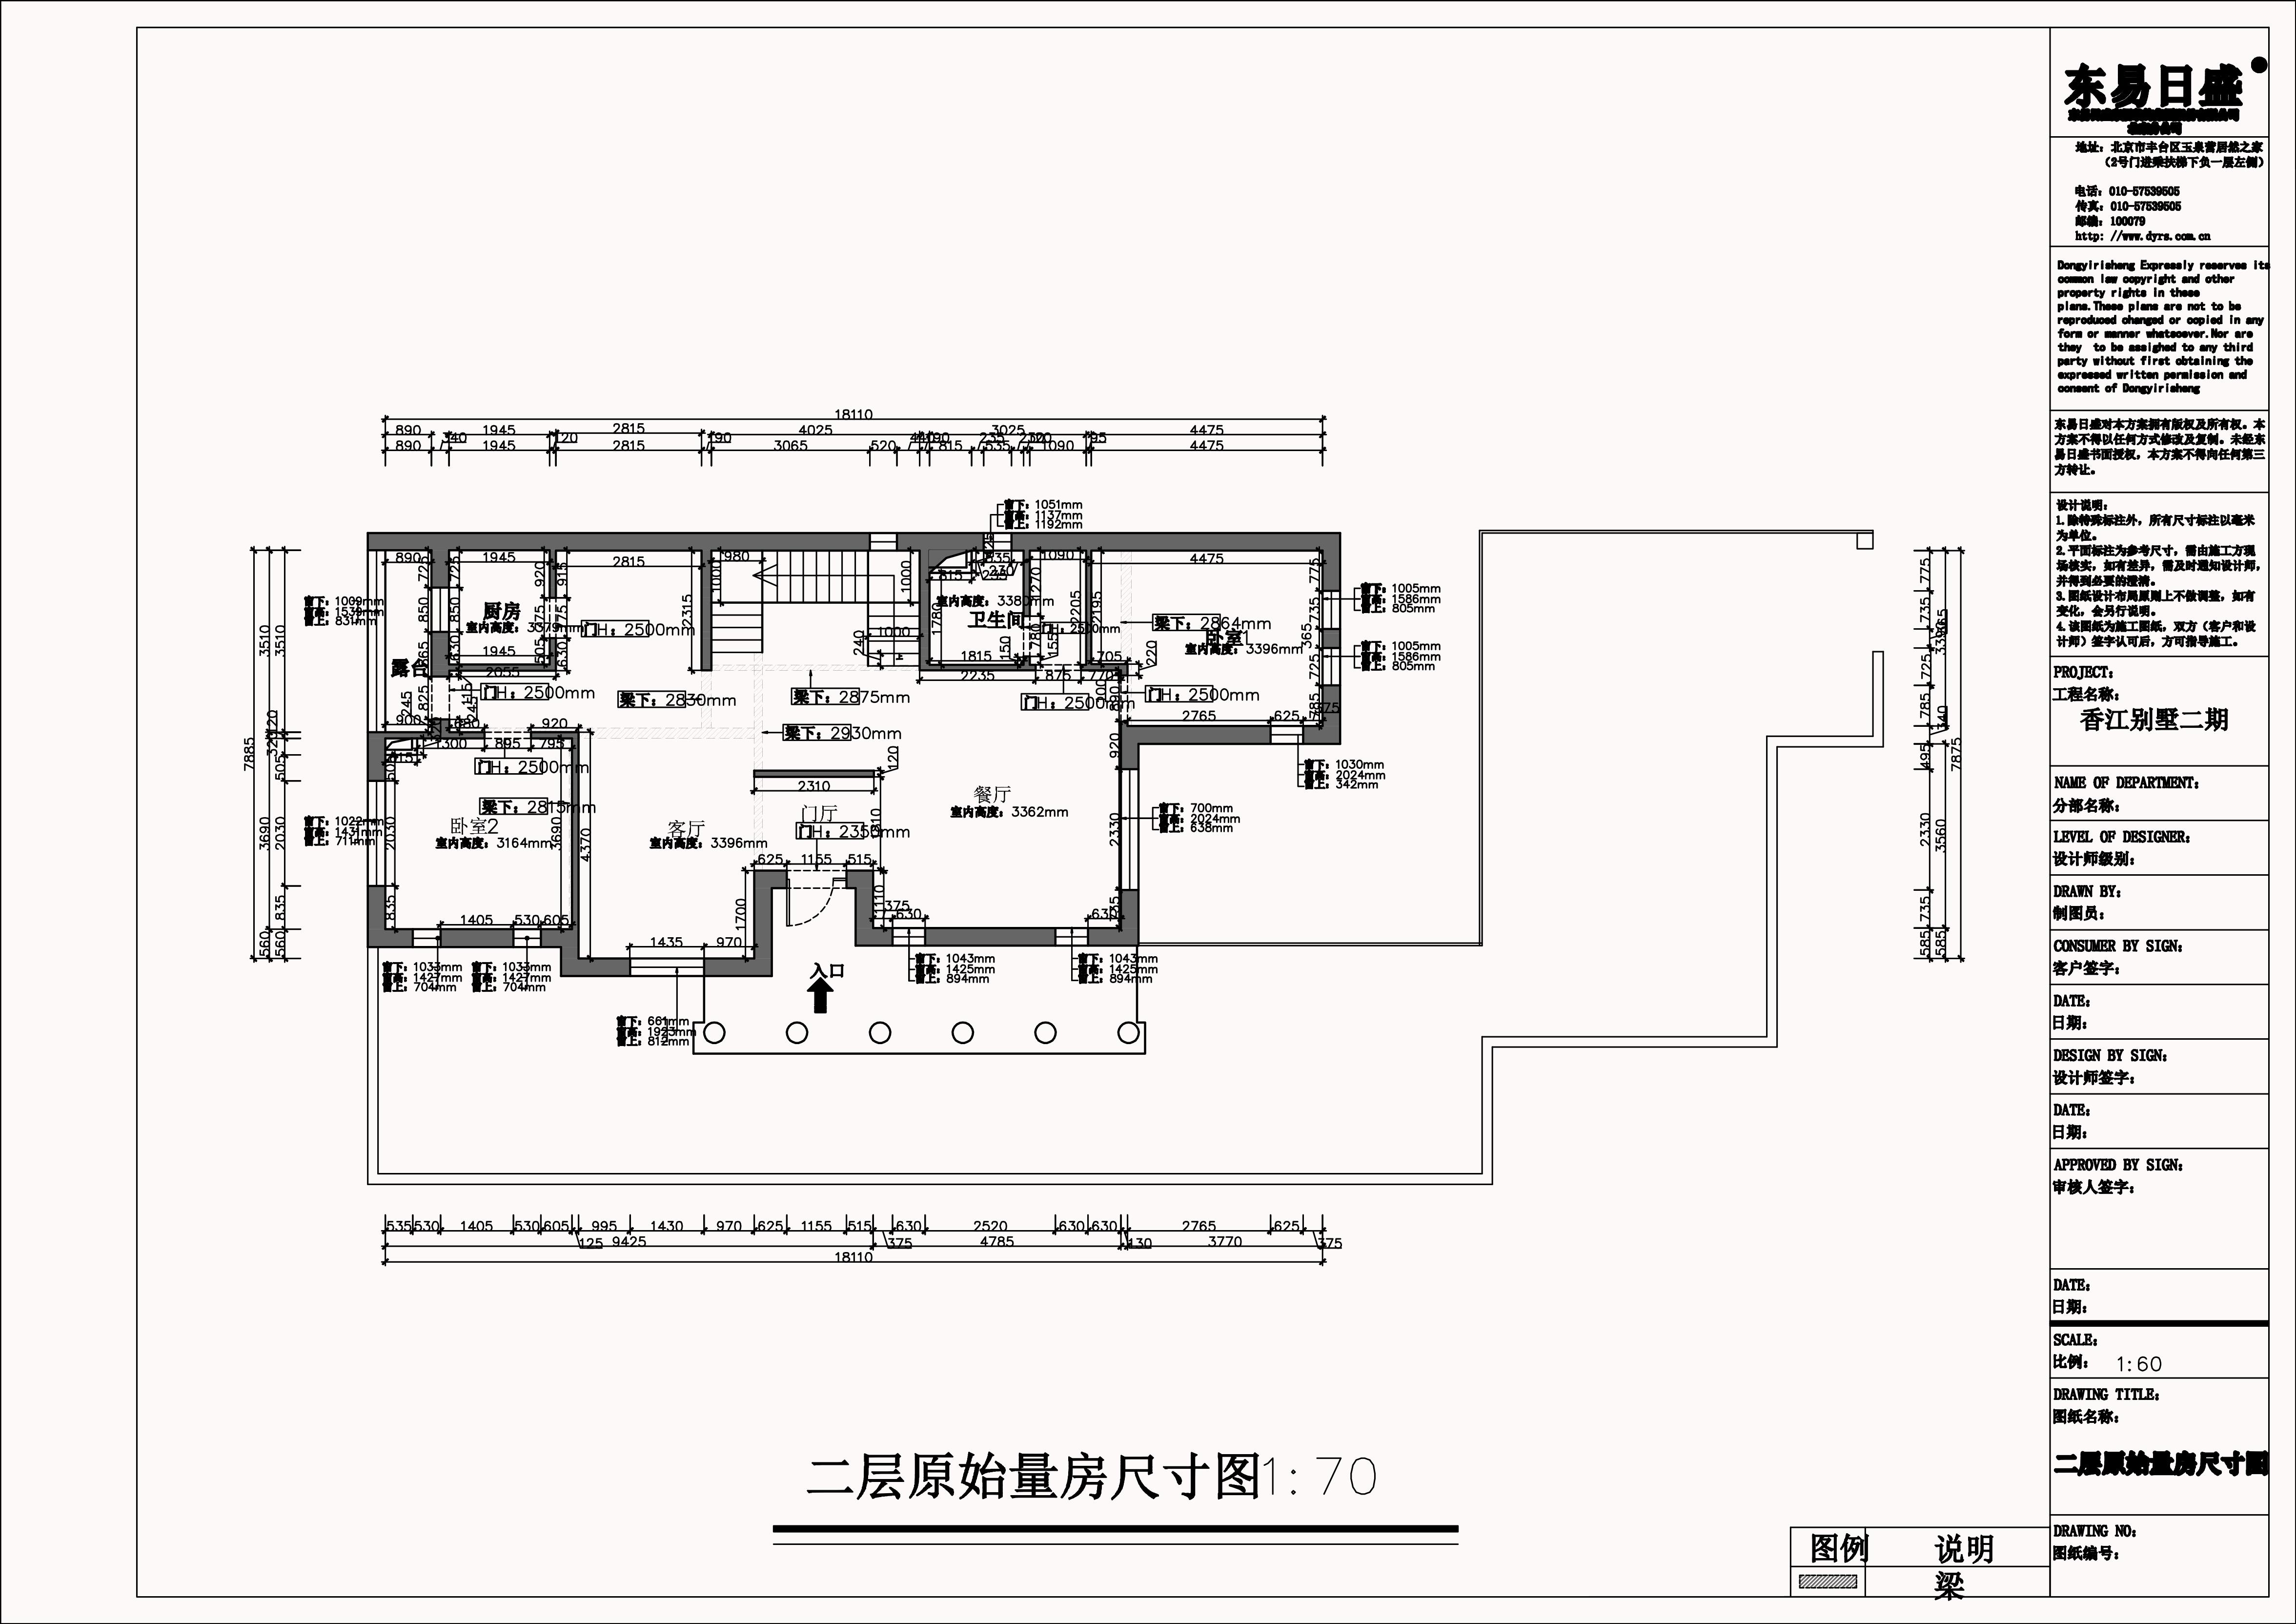 香江别墅-380m/2-现代轻奢-装潢成果图装潢策划愿景